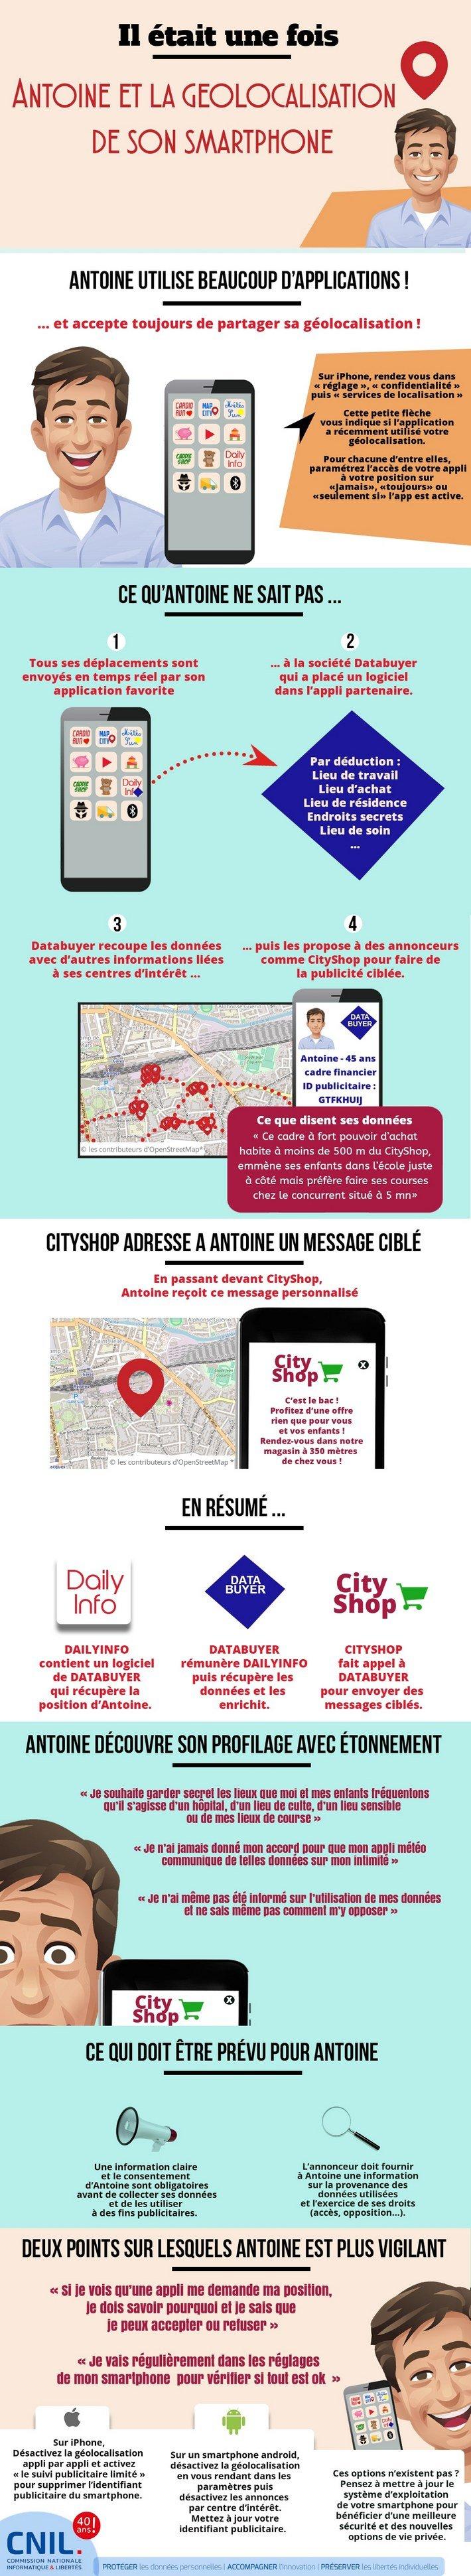 Géolocalisation - infographie par la CNIL